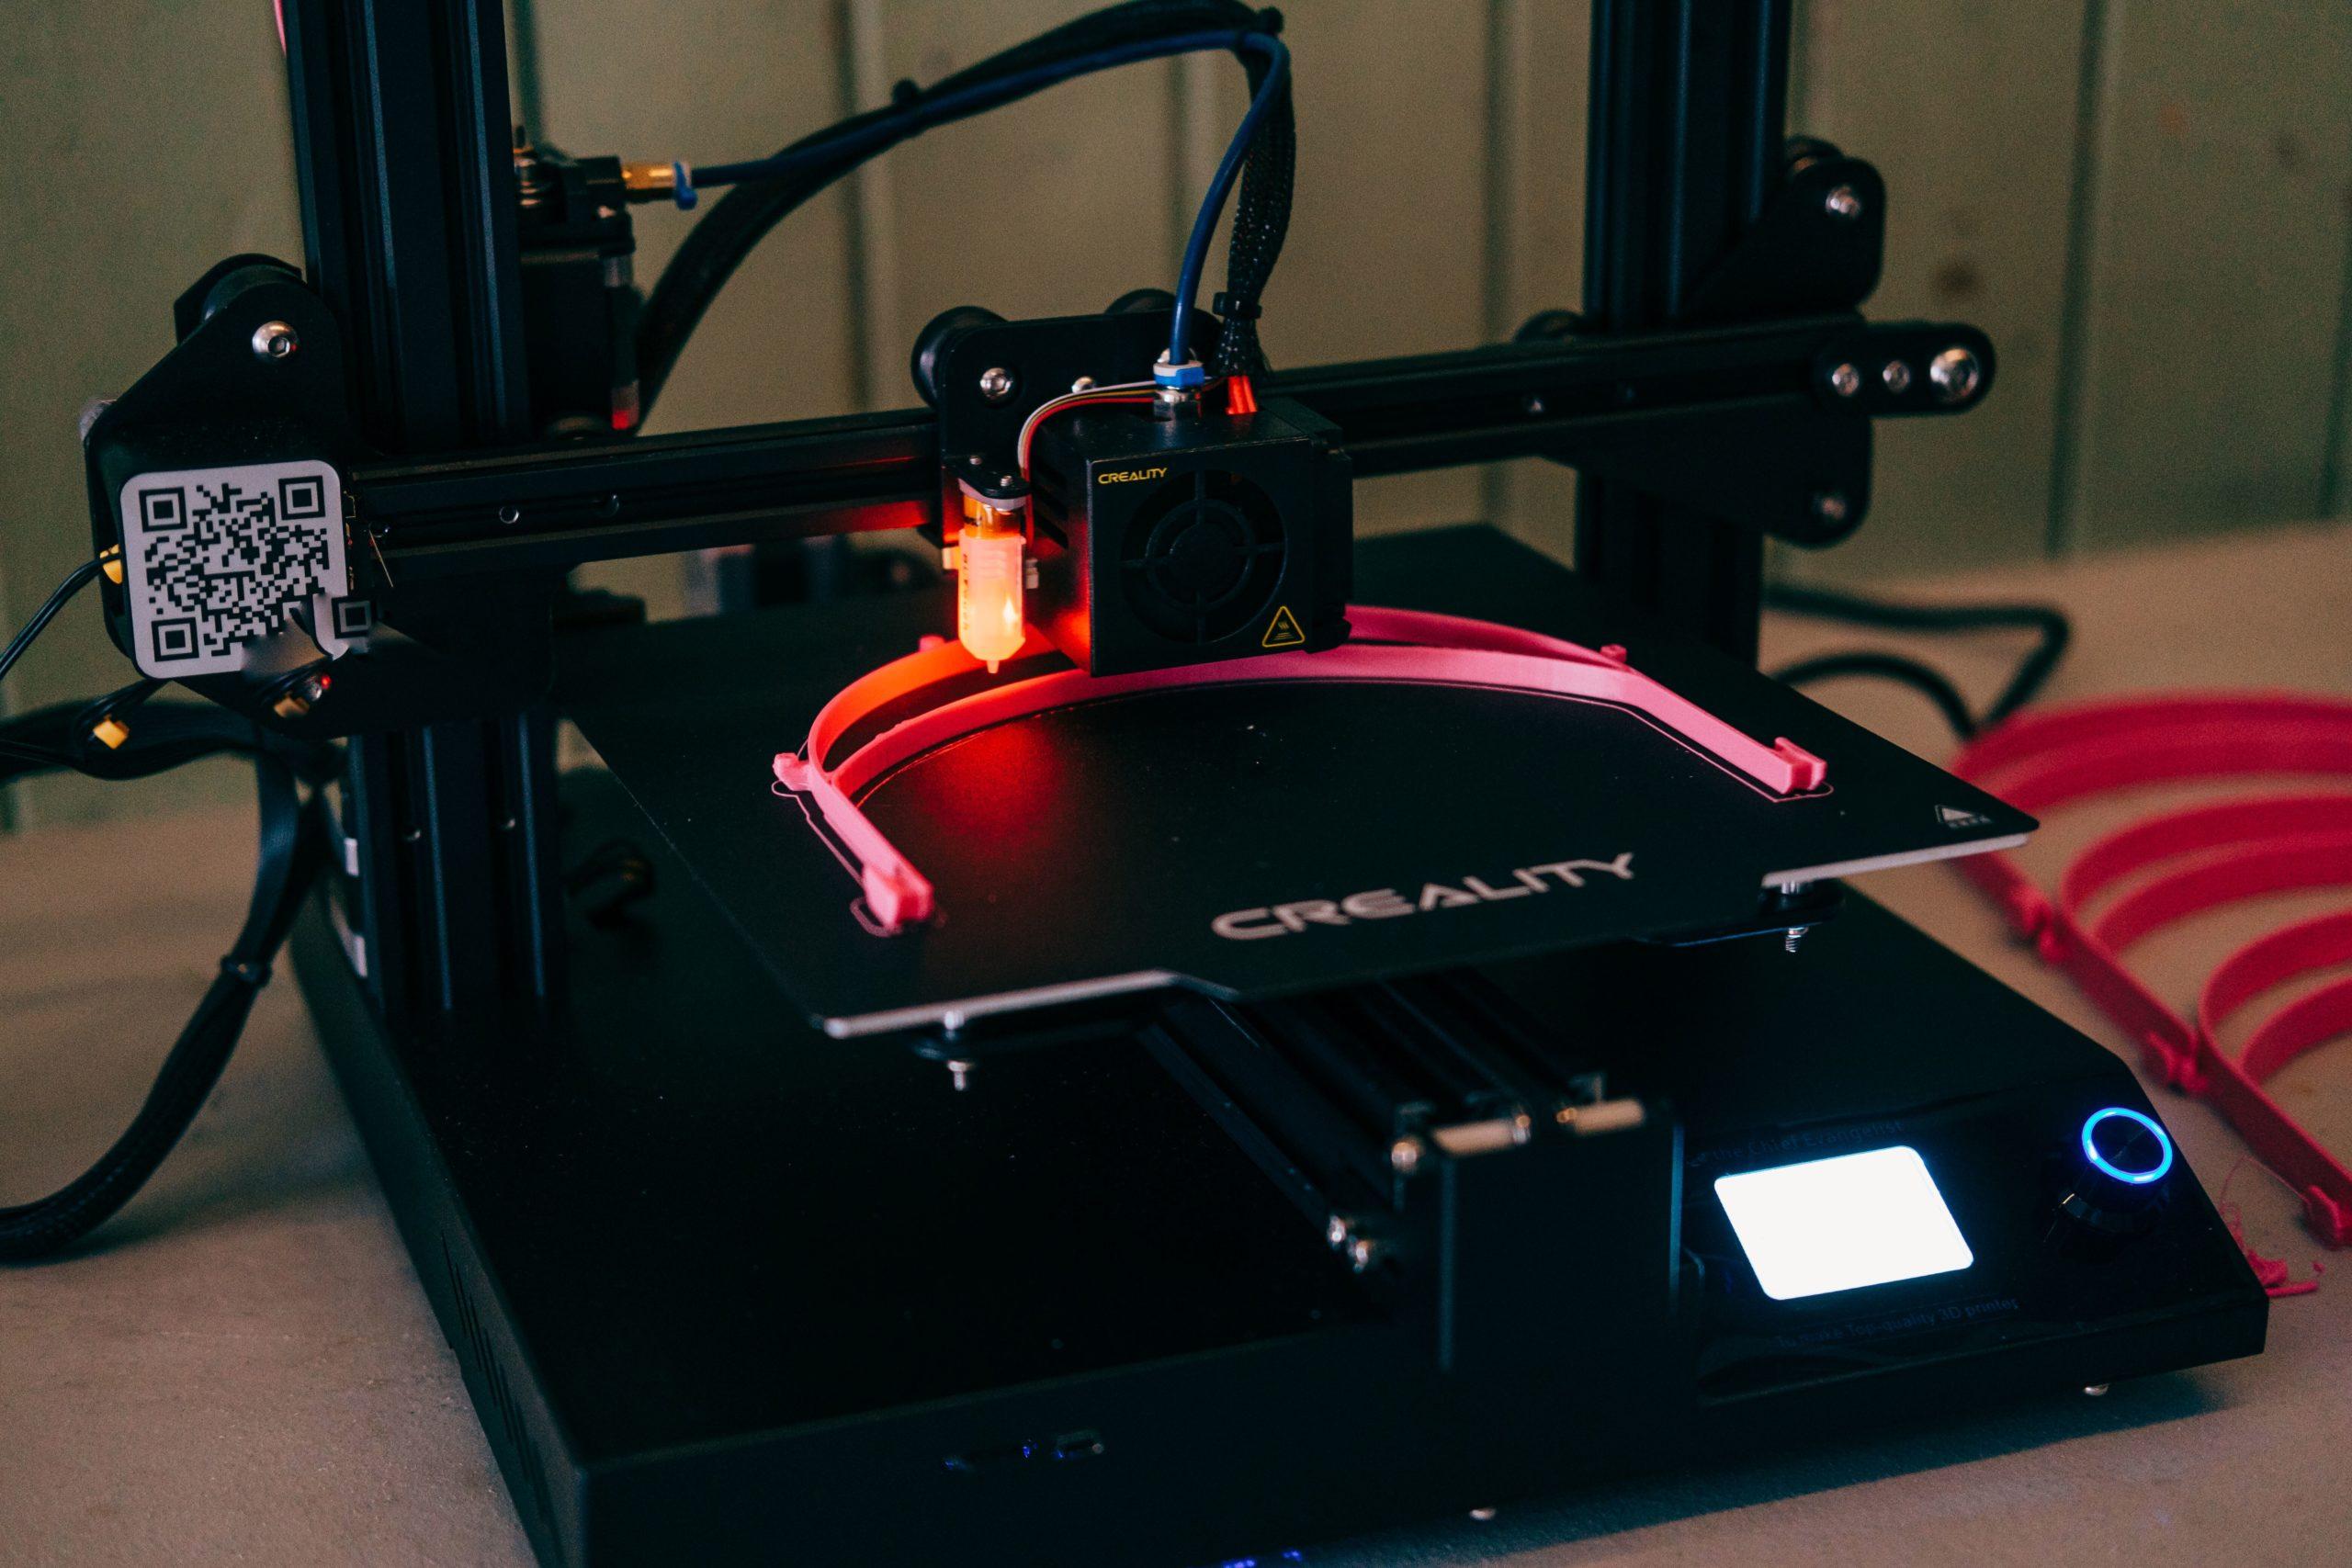 3D-printing of facial visors